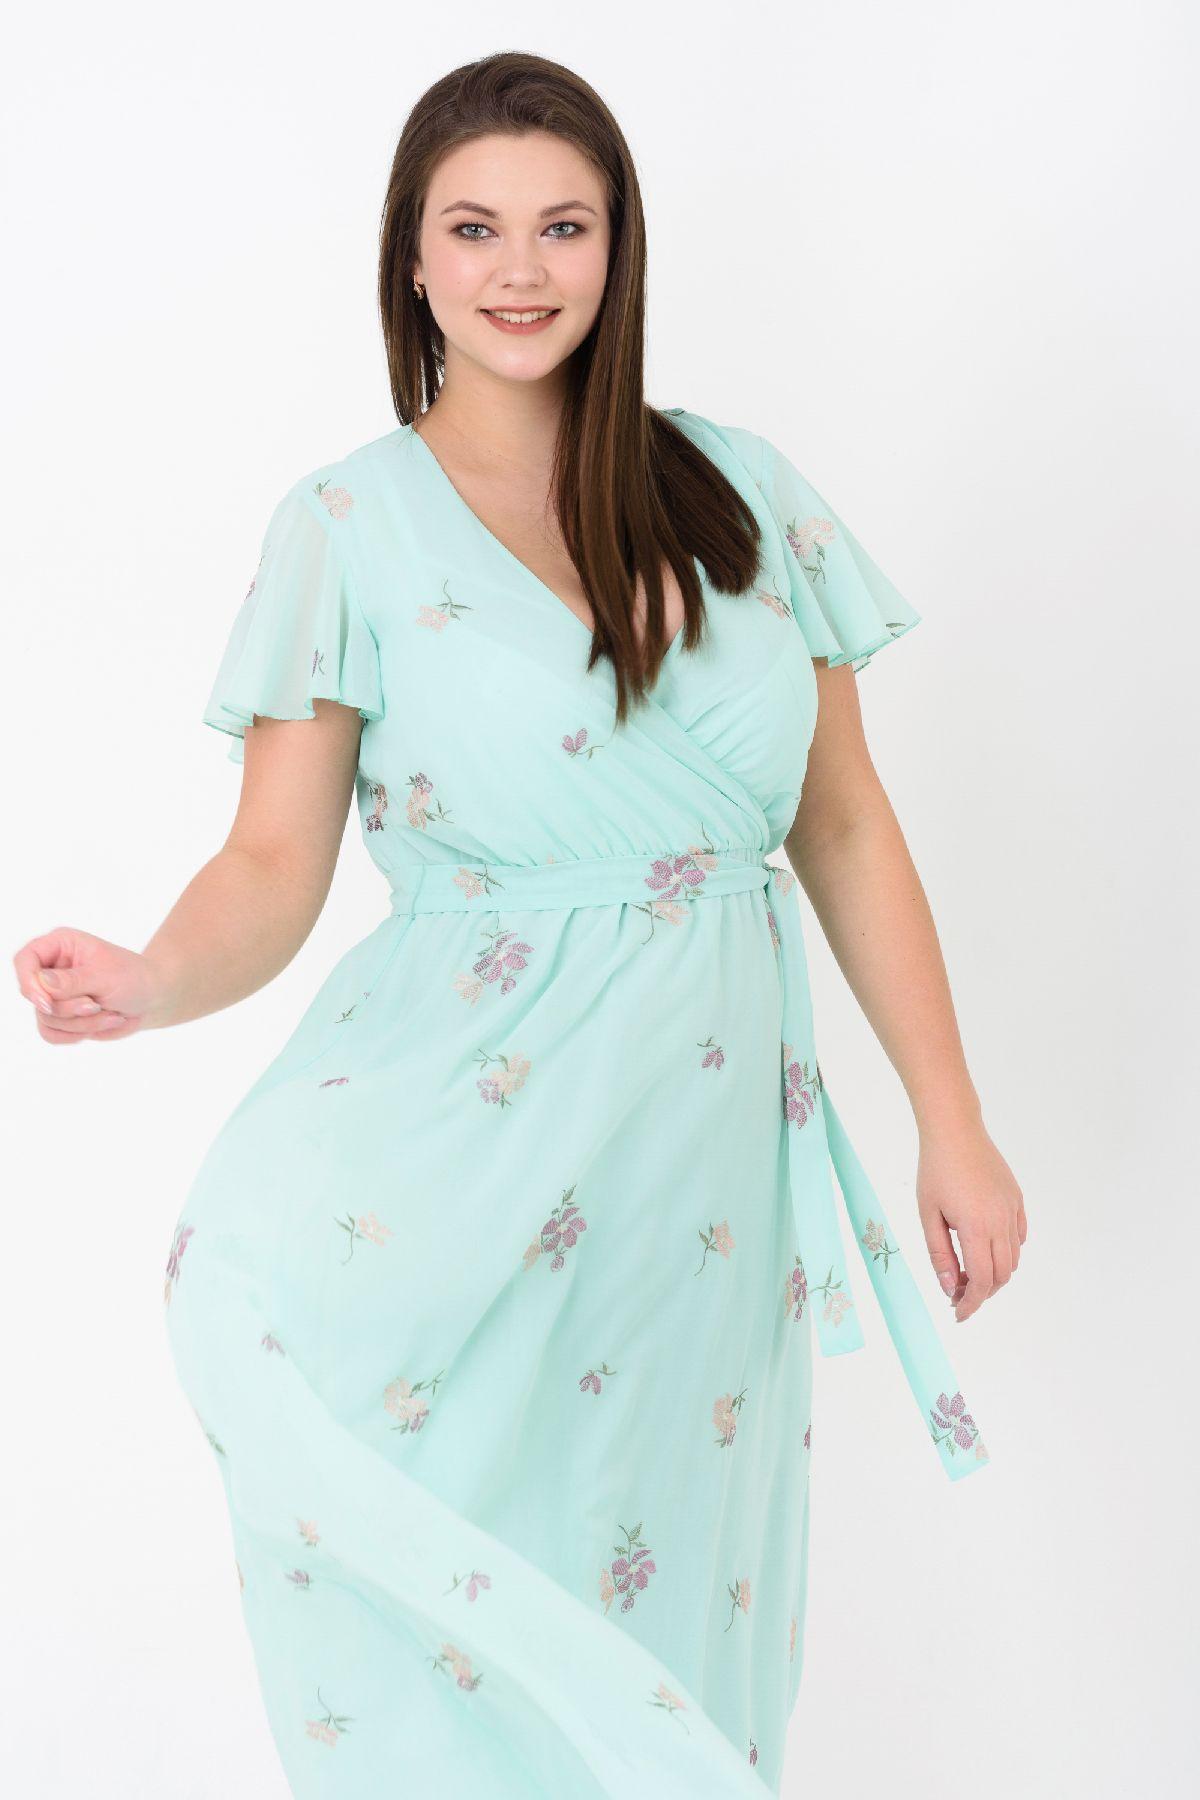 где купить платья 50 размера